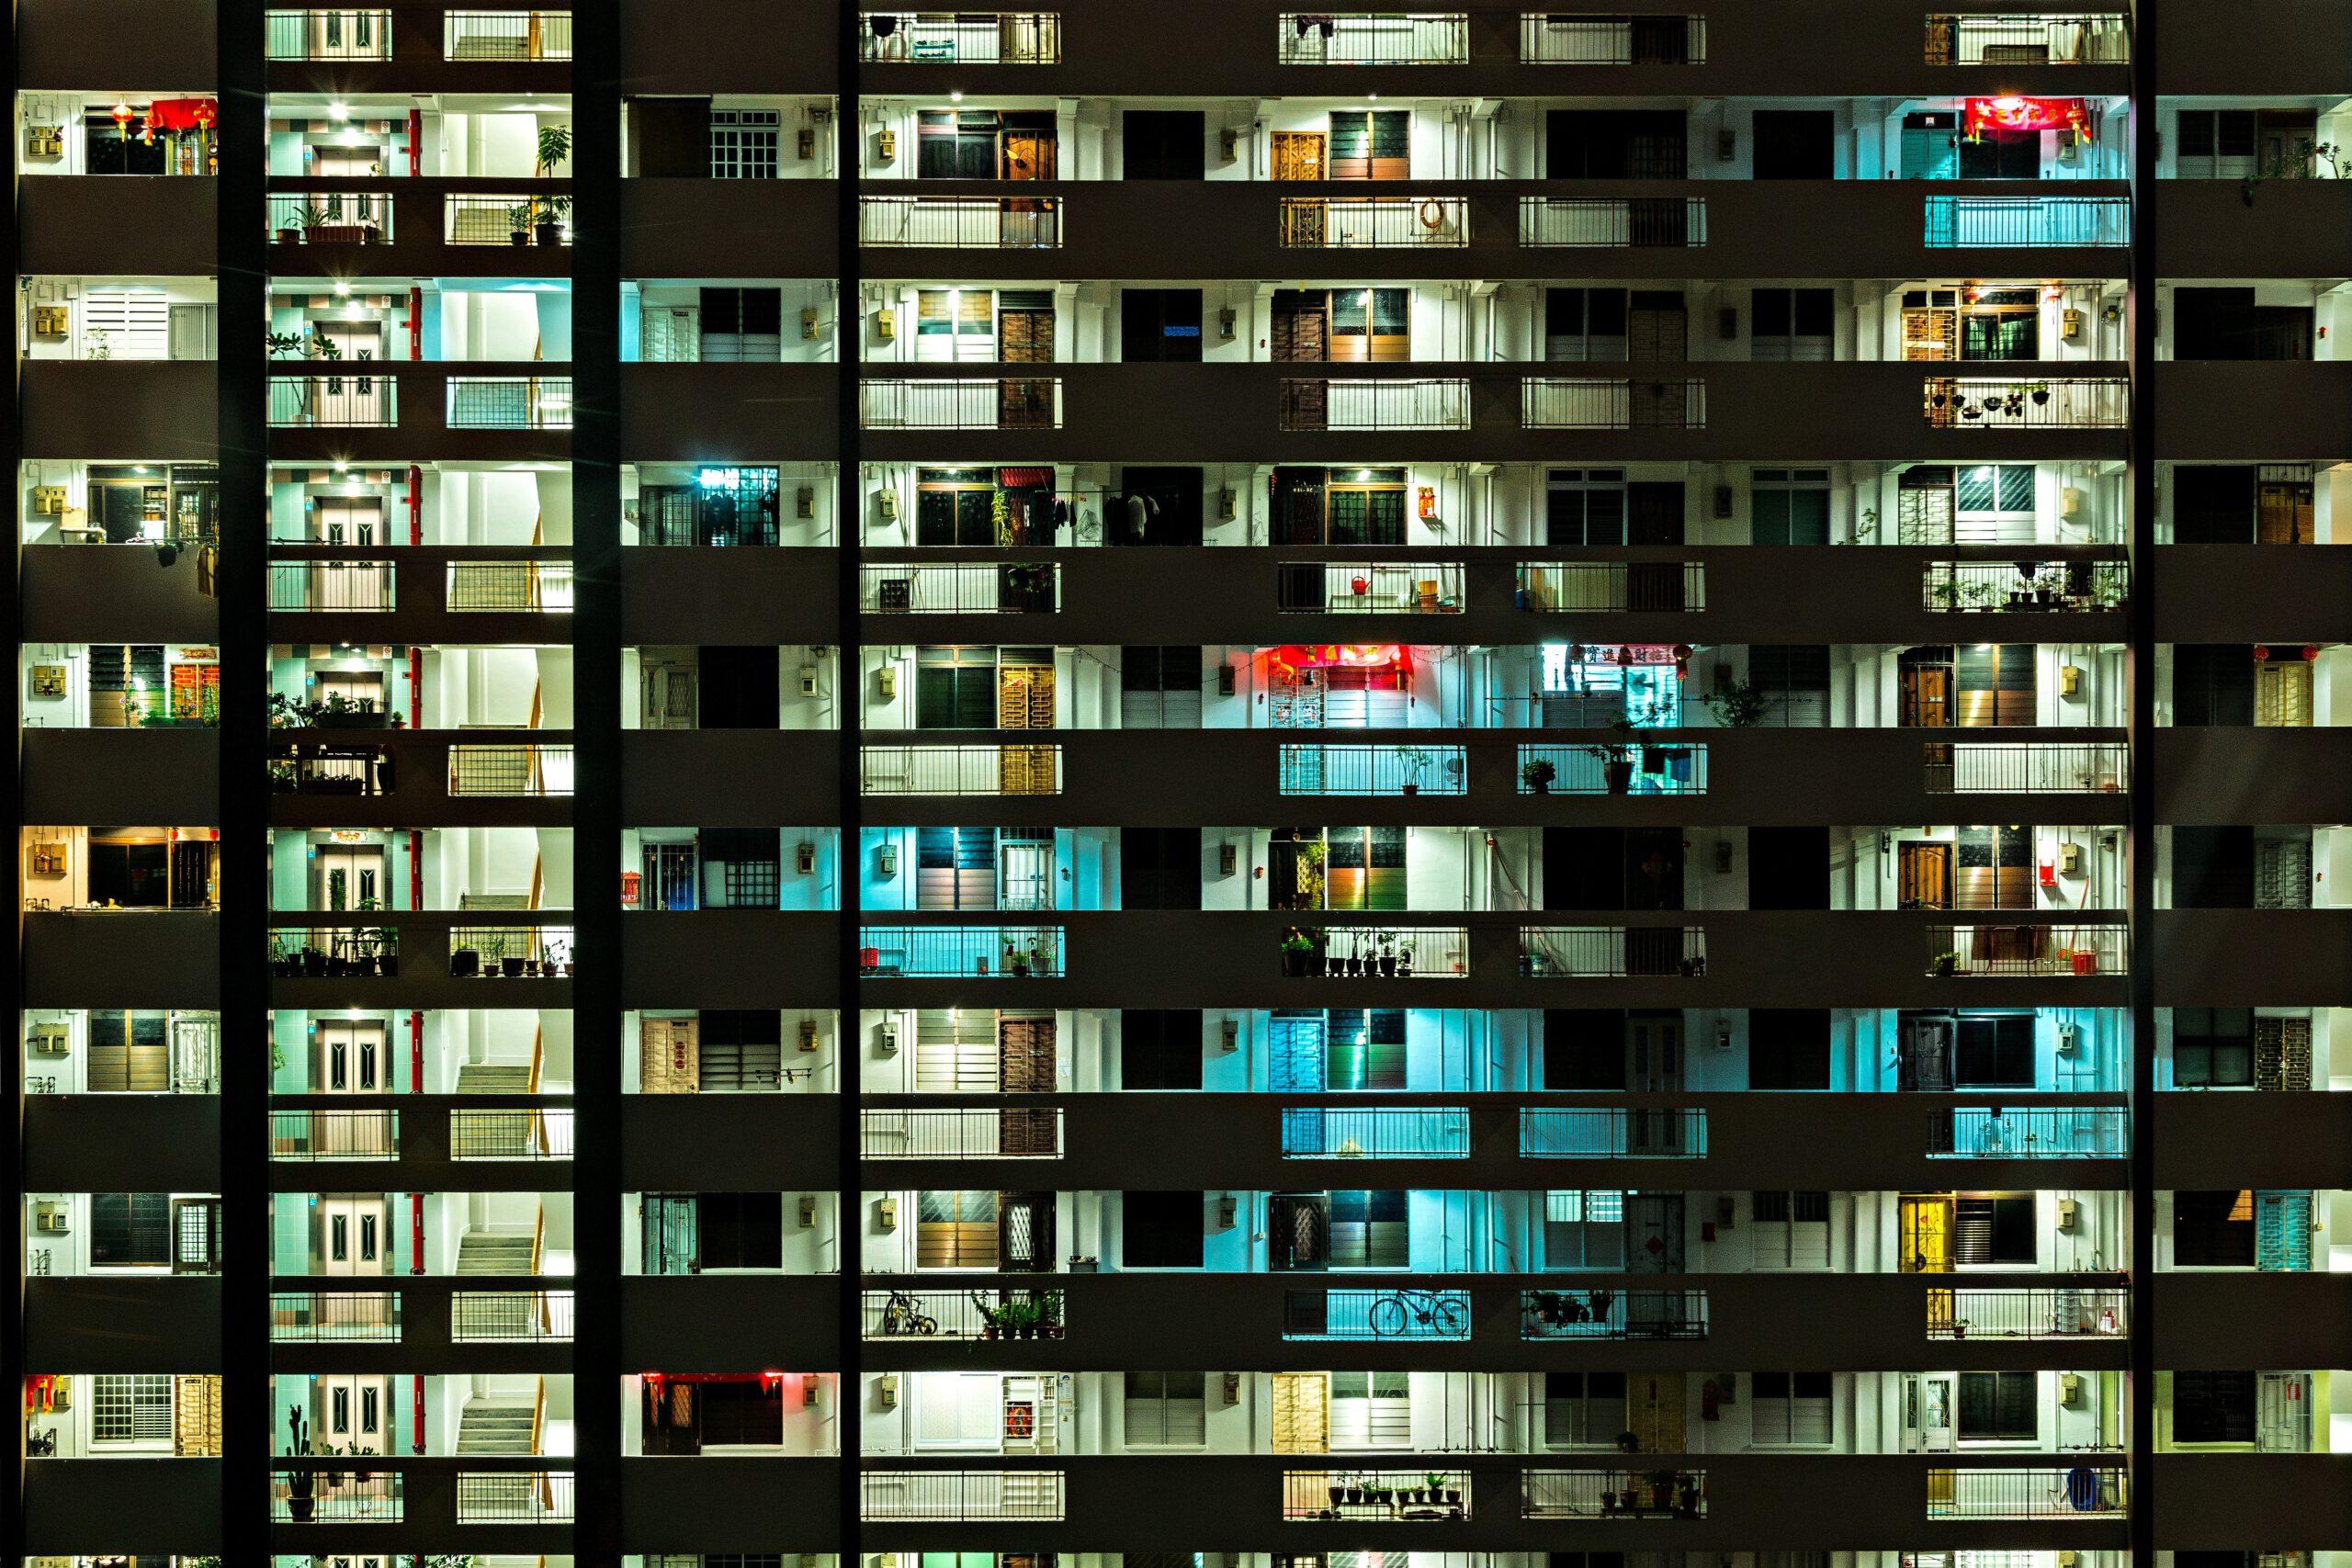 Zgoda wspólnoty a części wspólne budynku - co wolno mieszkańcom